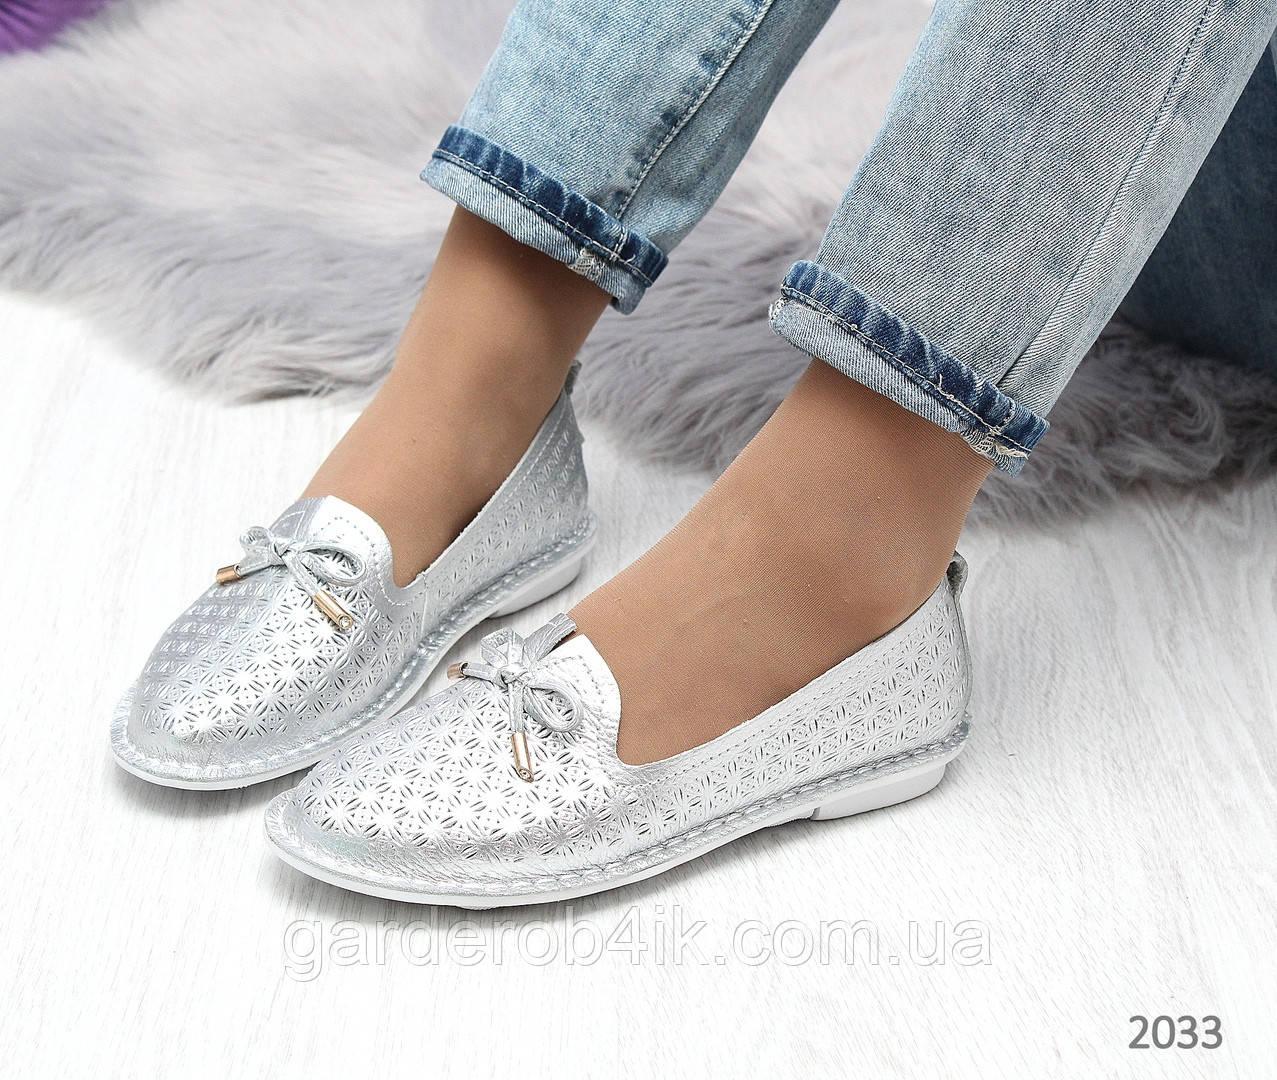 Женские туфли мокасины натуральная кожа